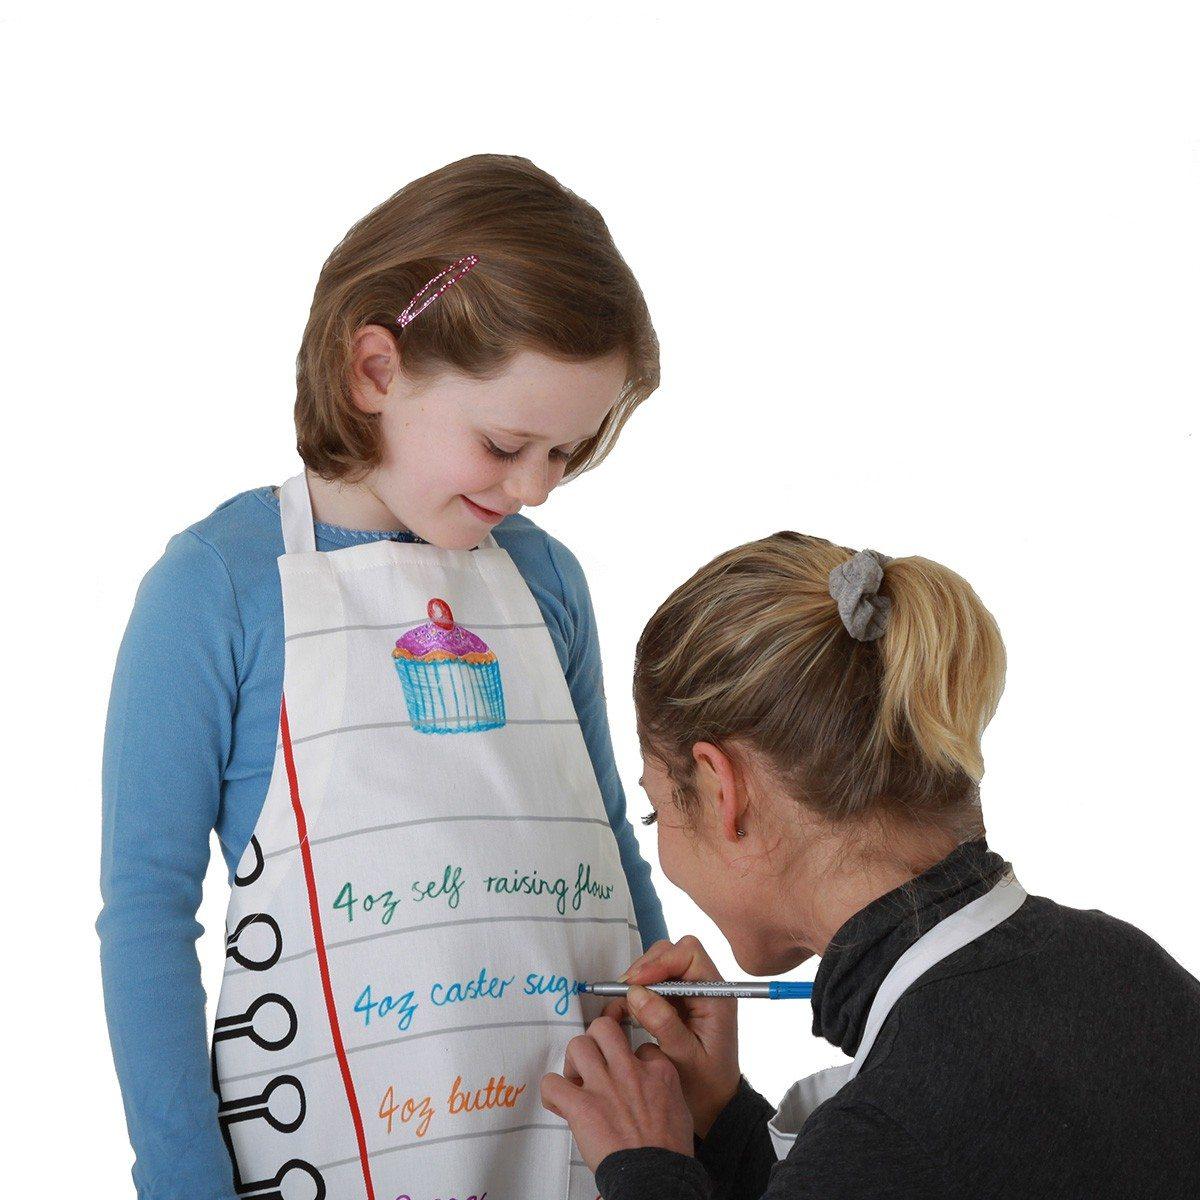 Børneforklæde man kan tegne på